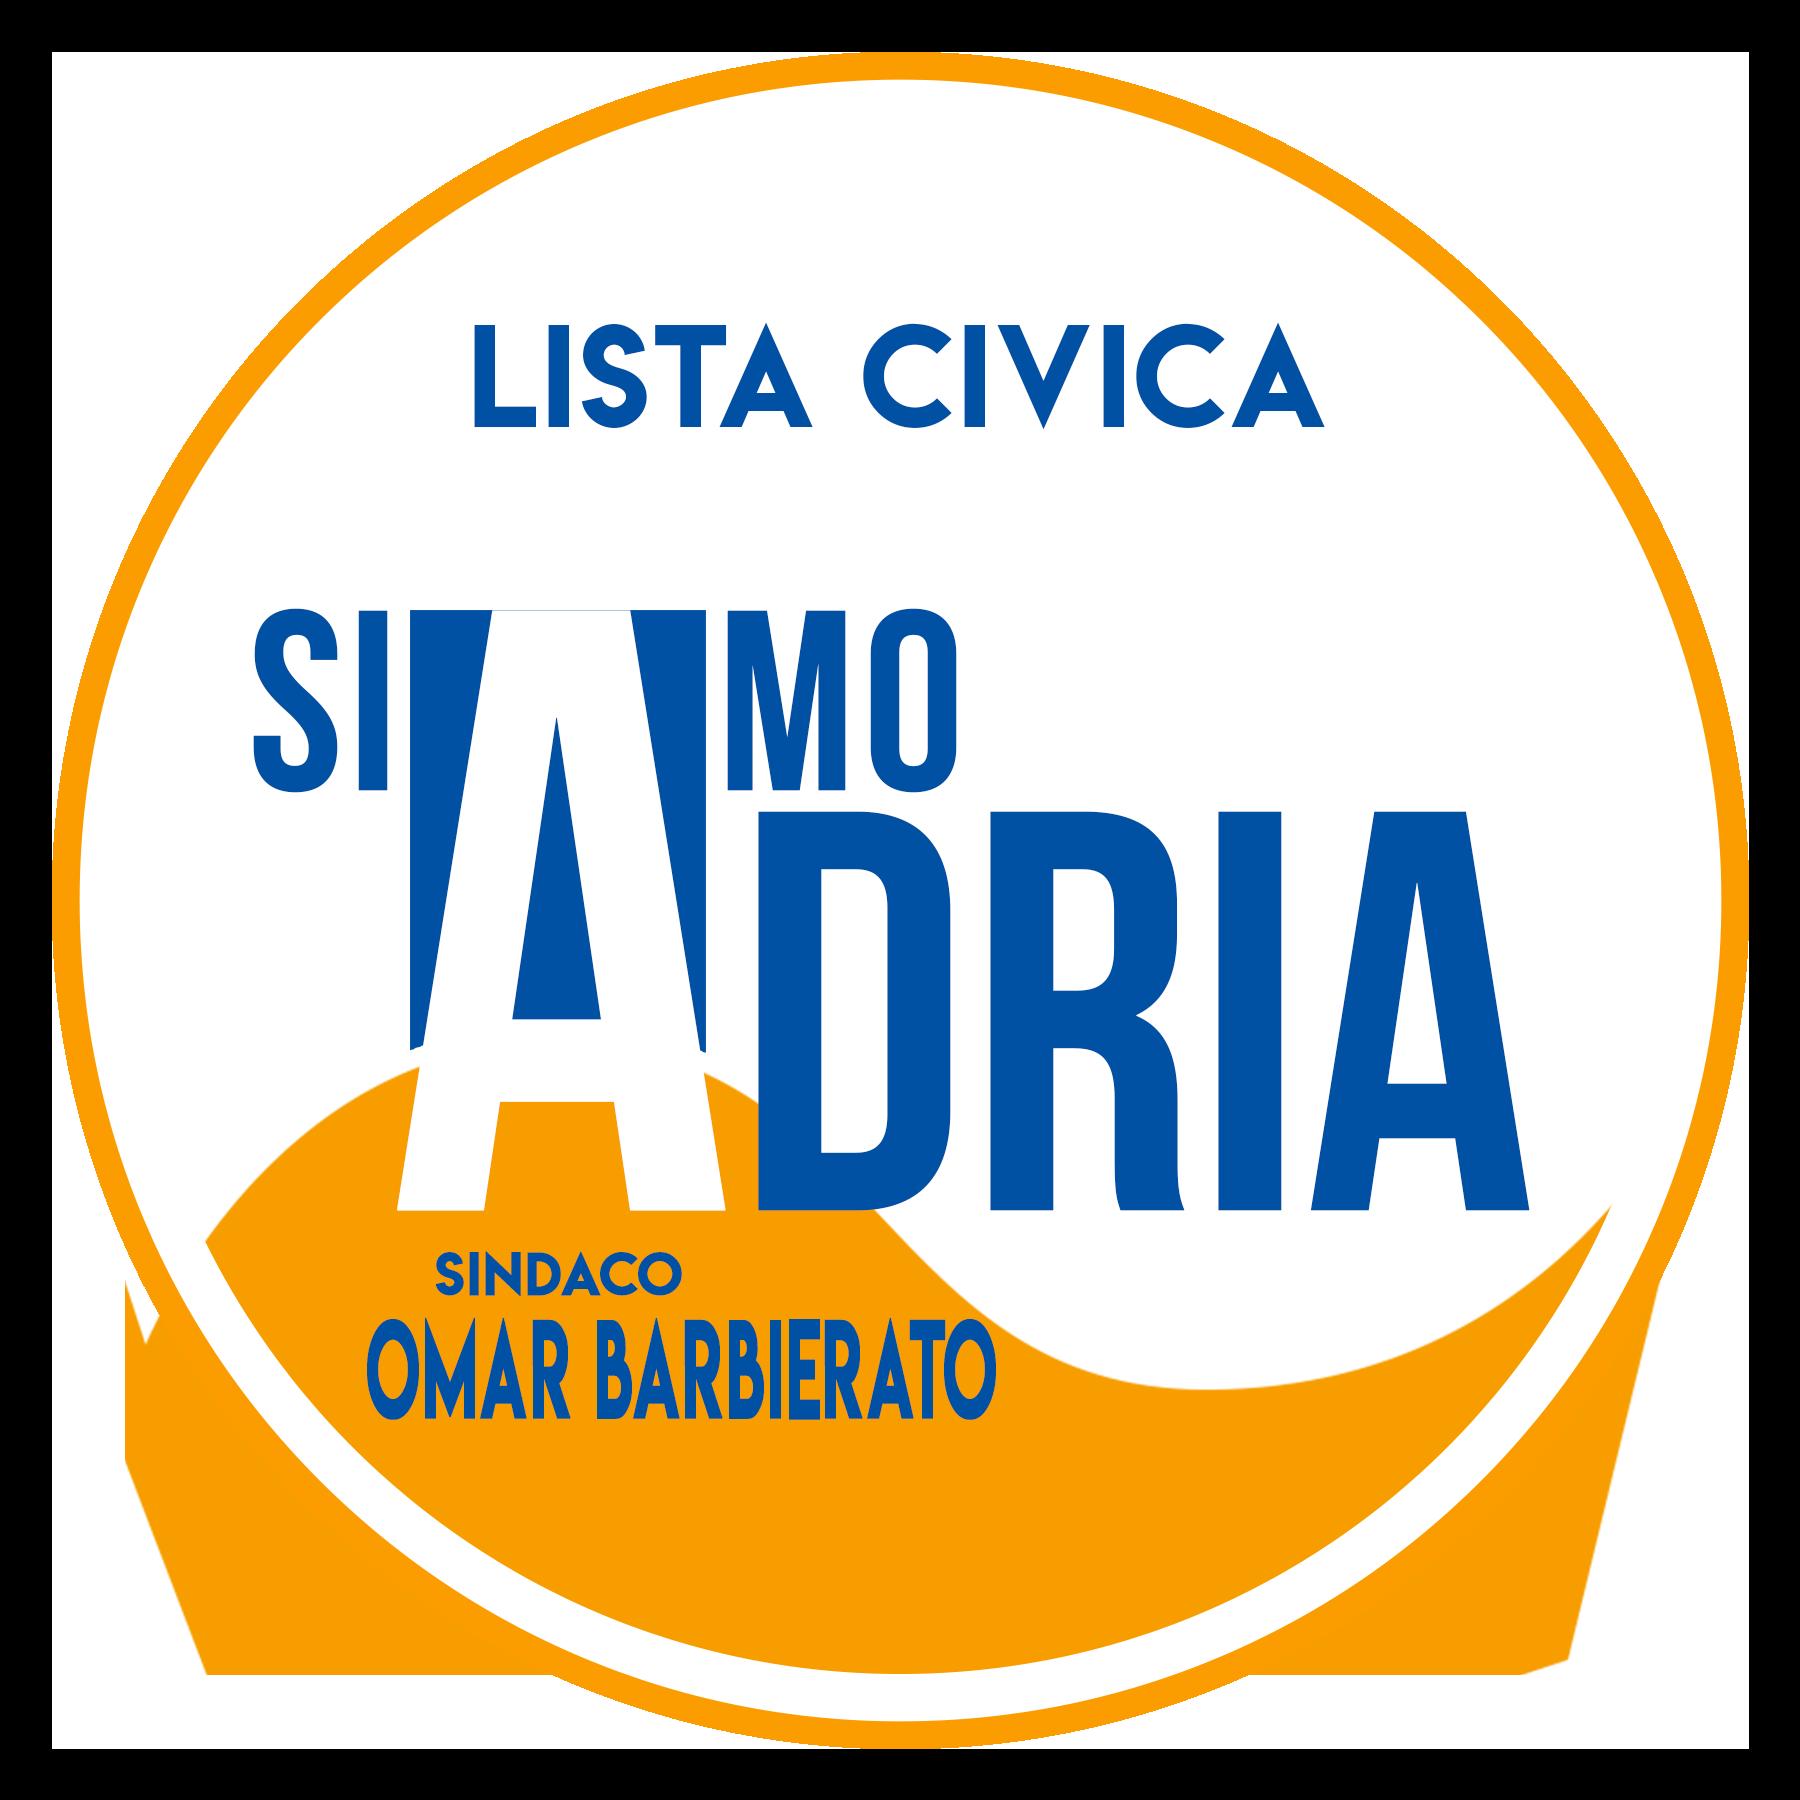 Lista Civica SiAmoAdria